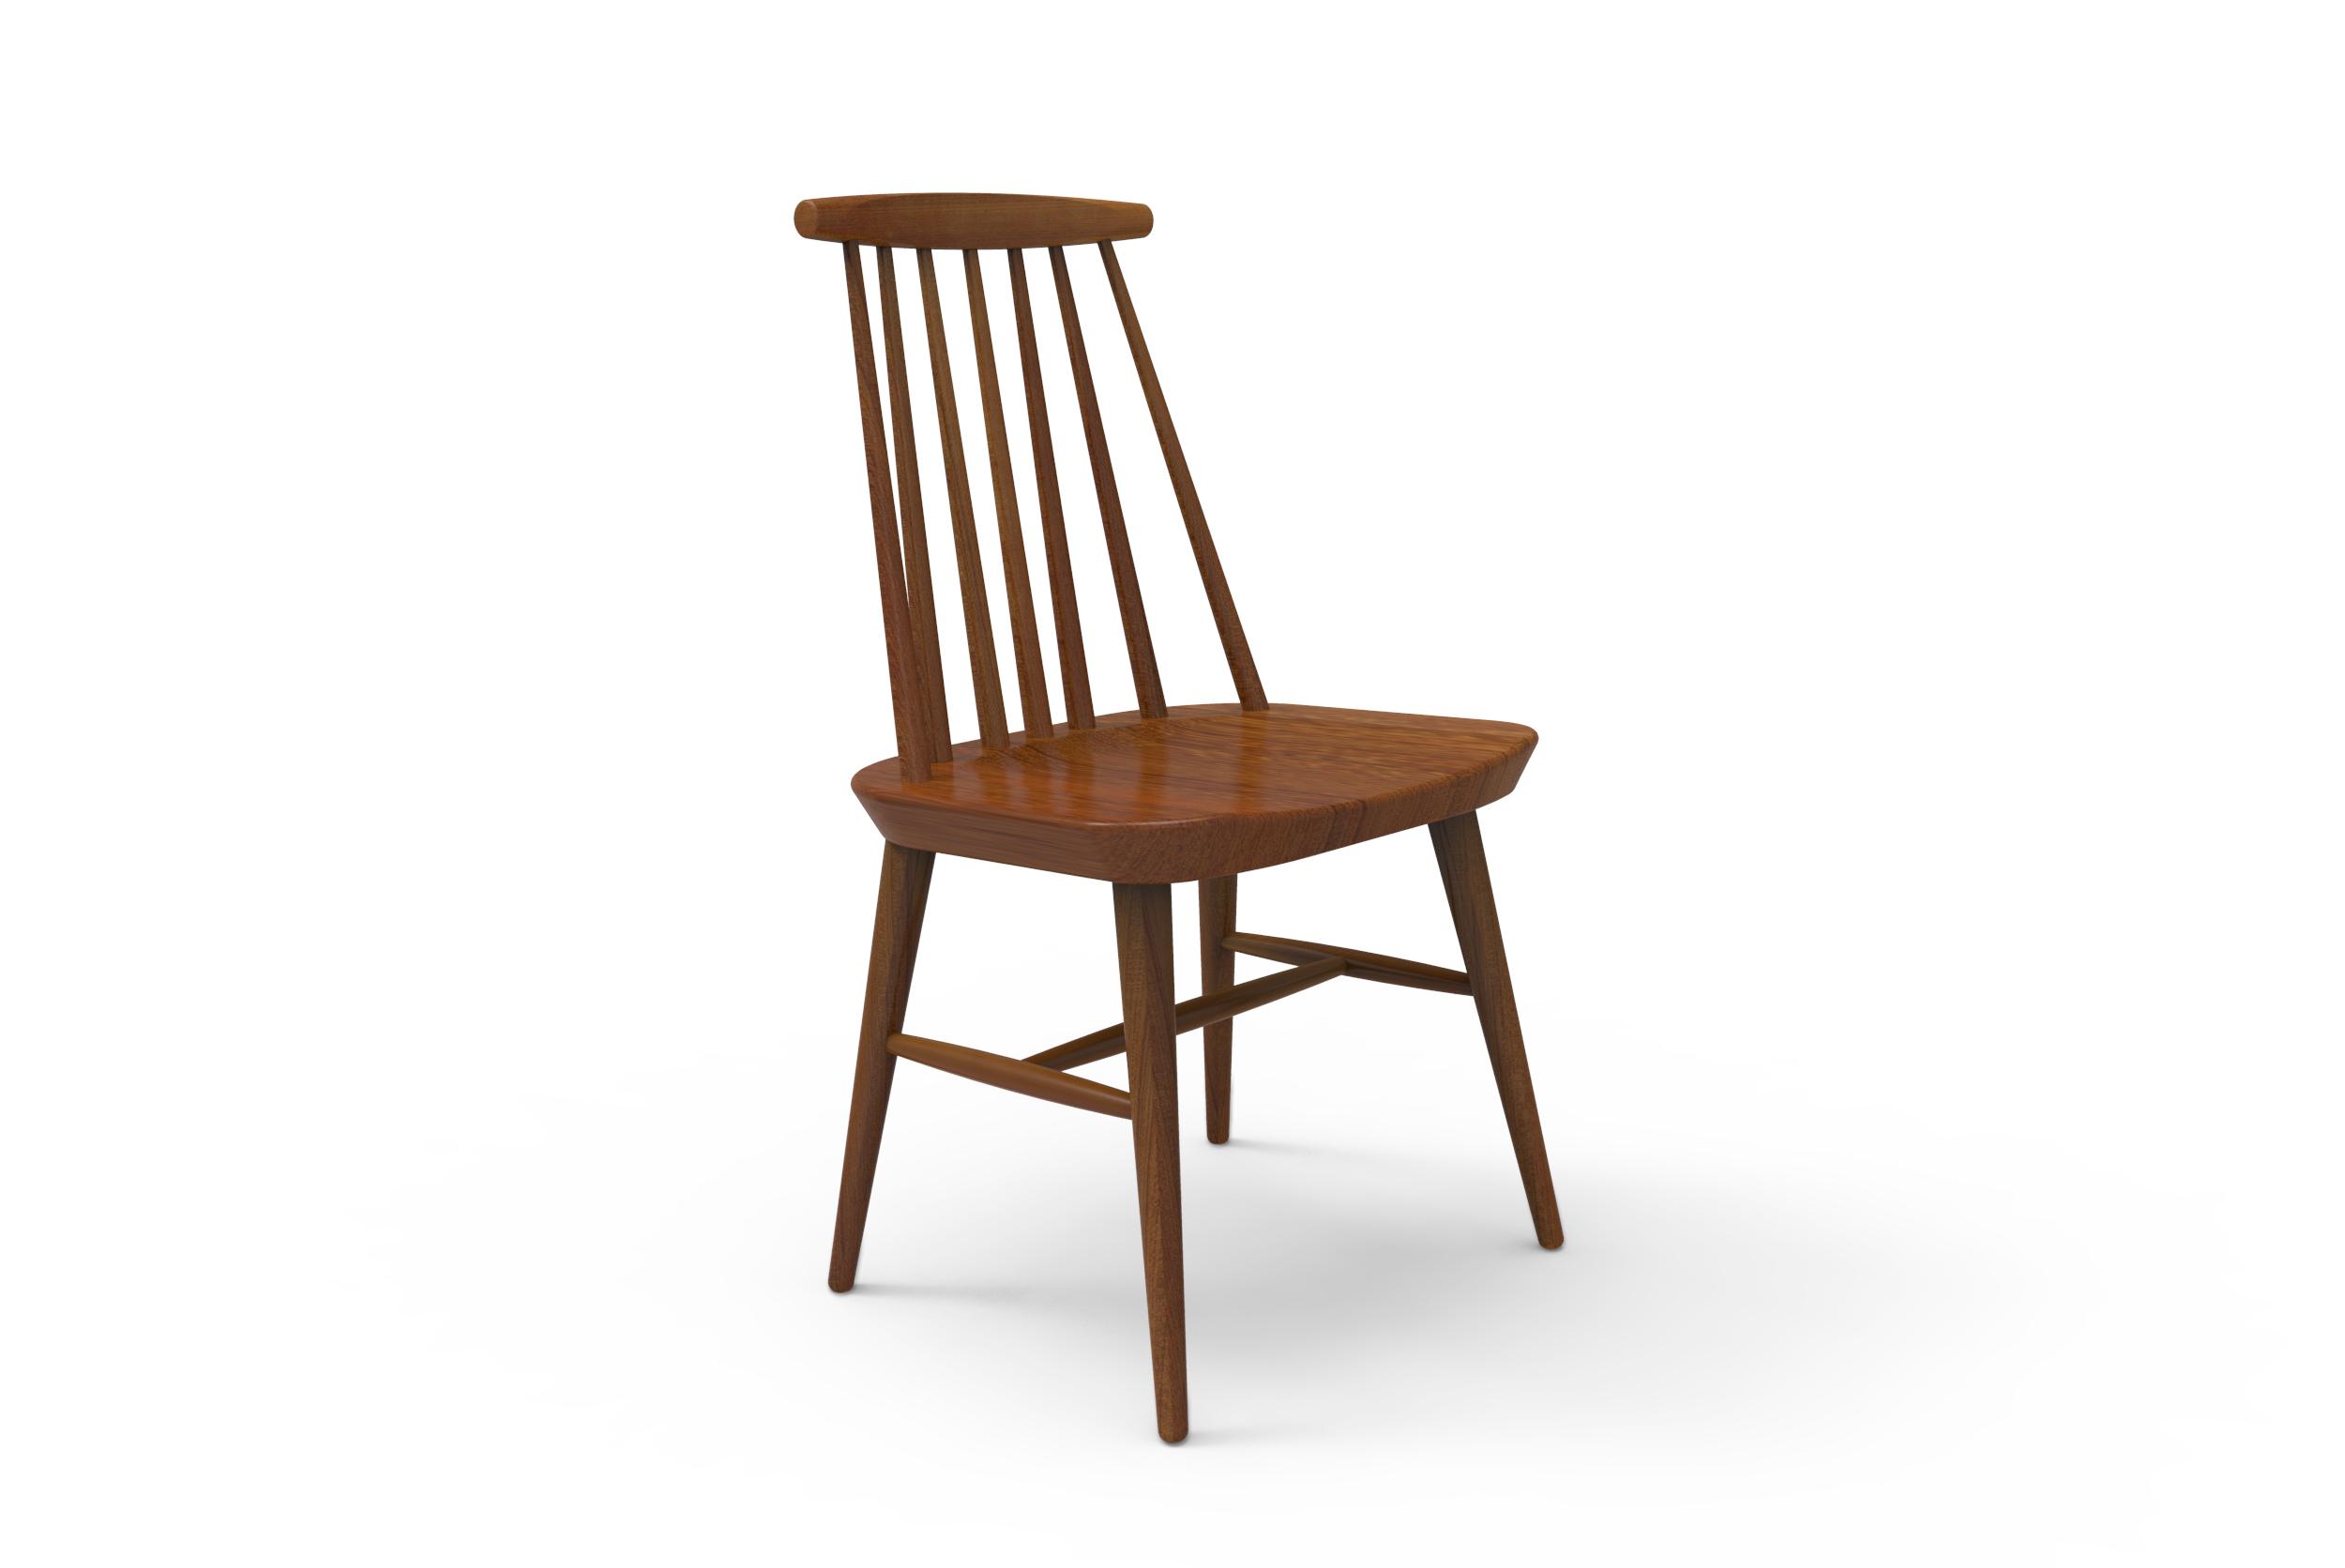 Yespo_Chair_Design_Rendering_1.jpg